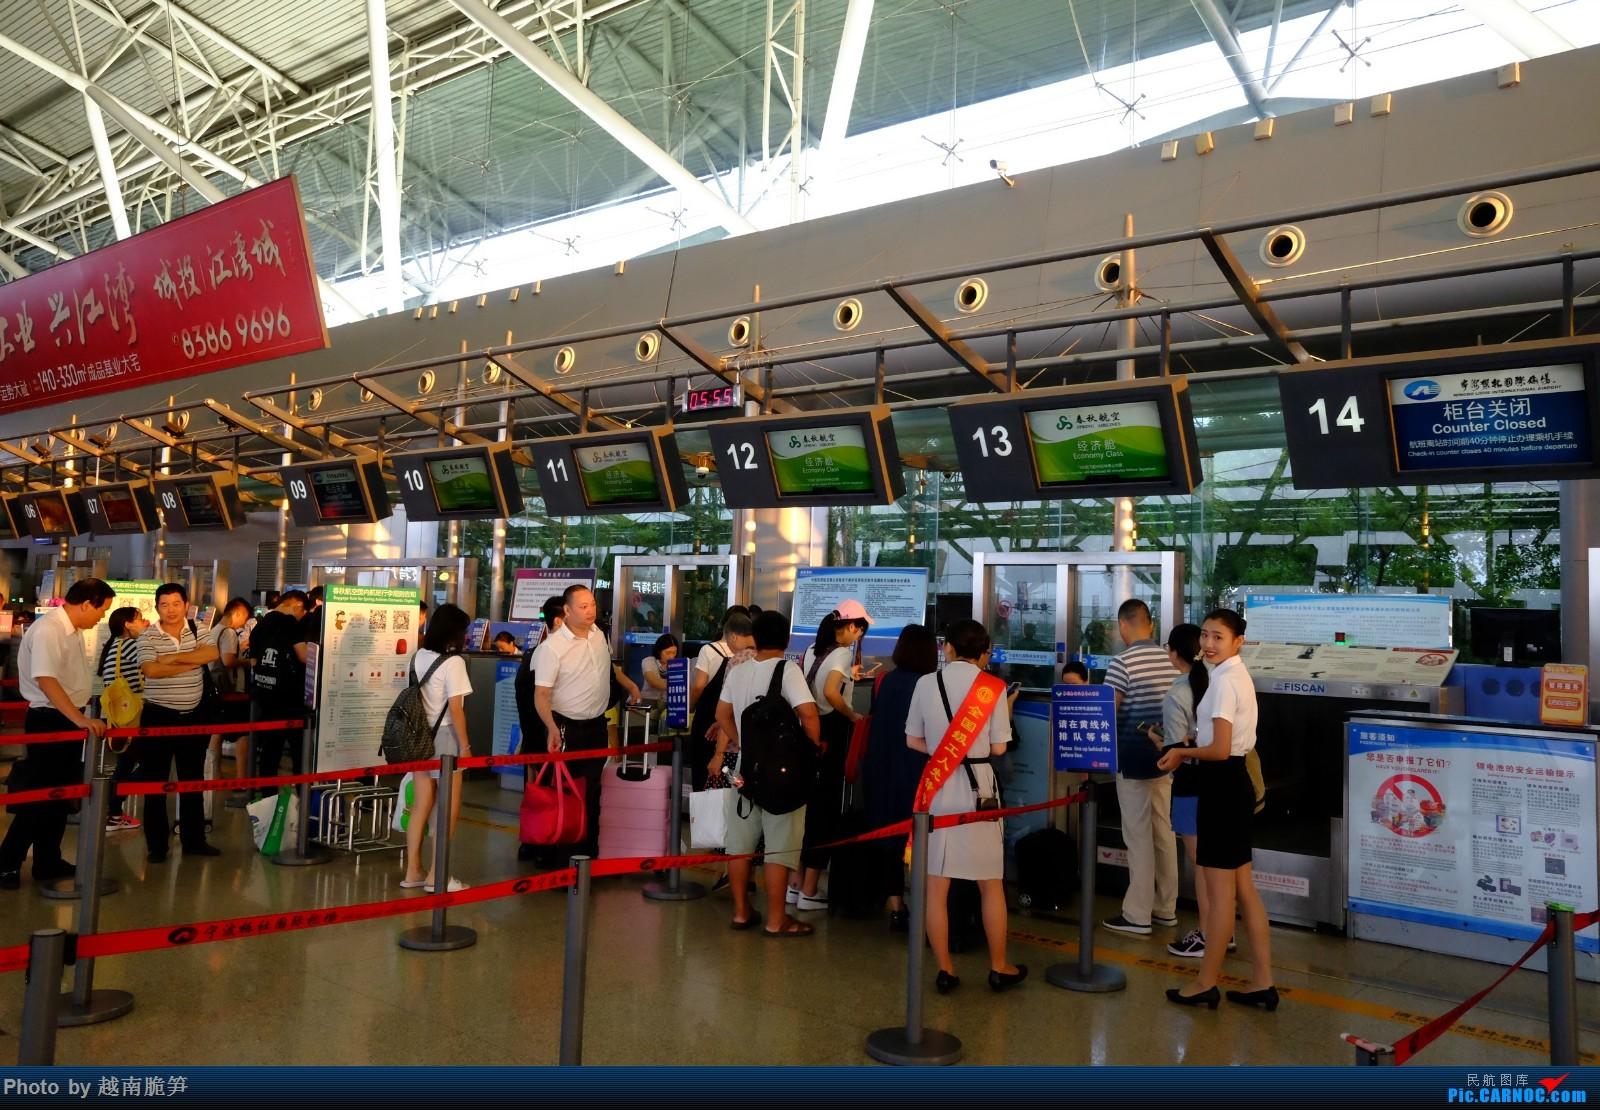 [原创]从宁波起飞,珠海——福州双城记    中国宁波栎社国际机场